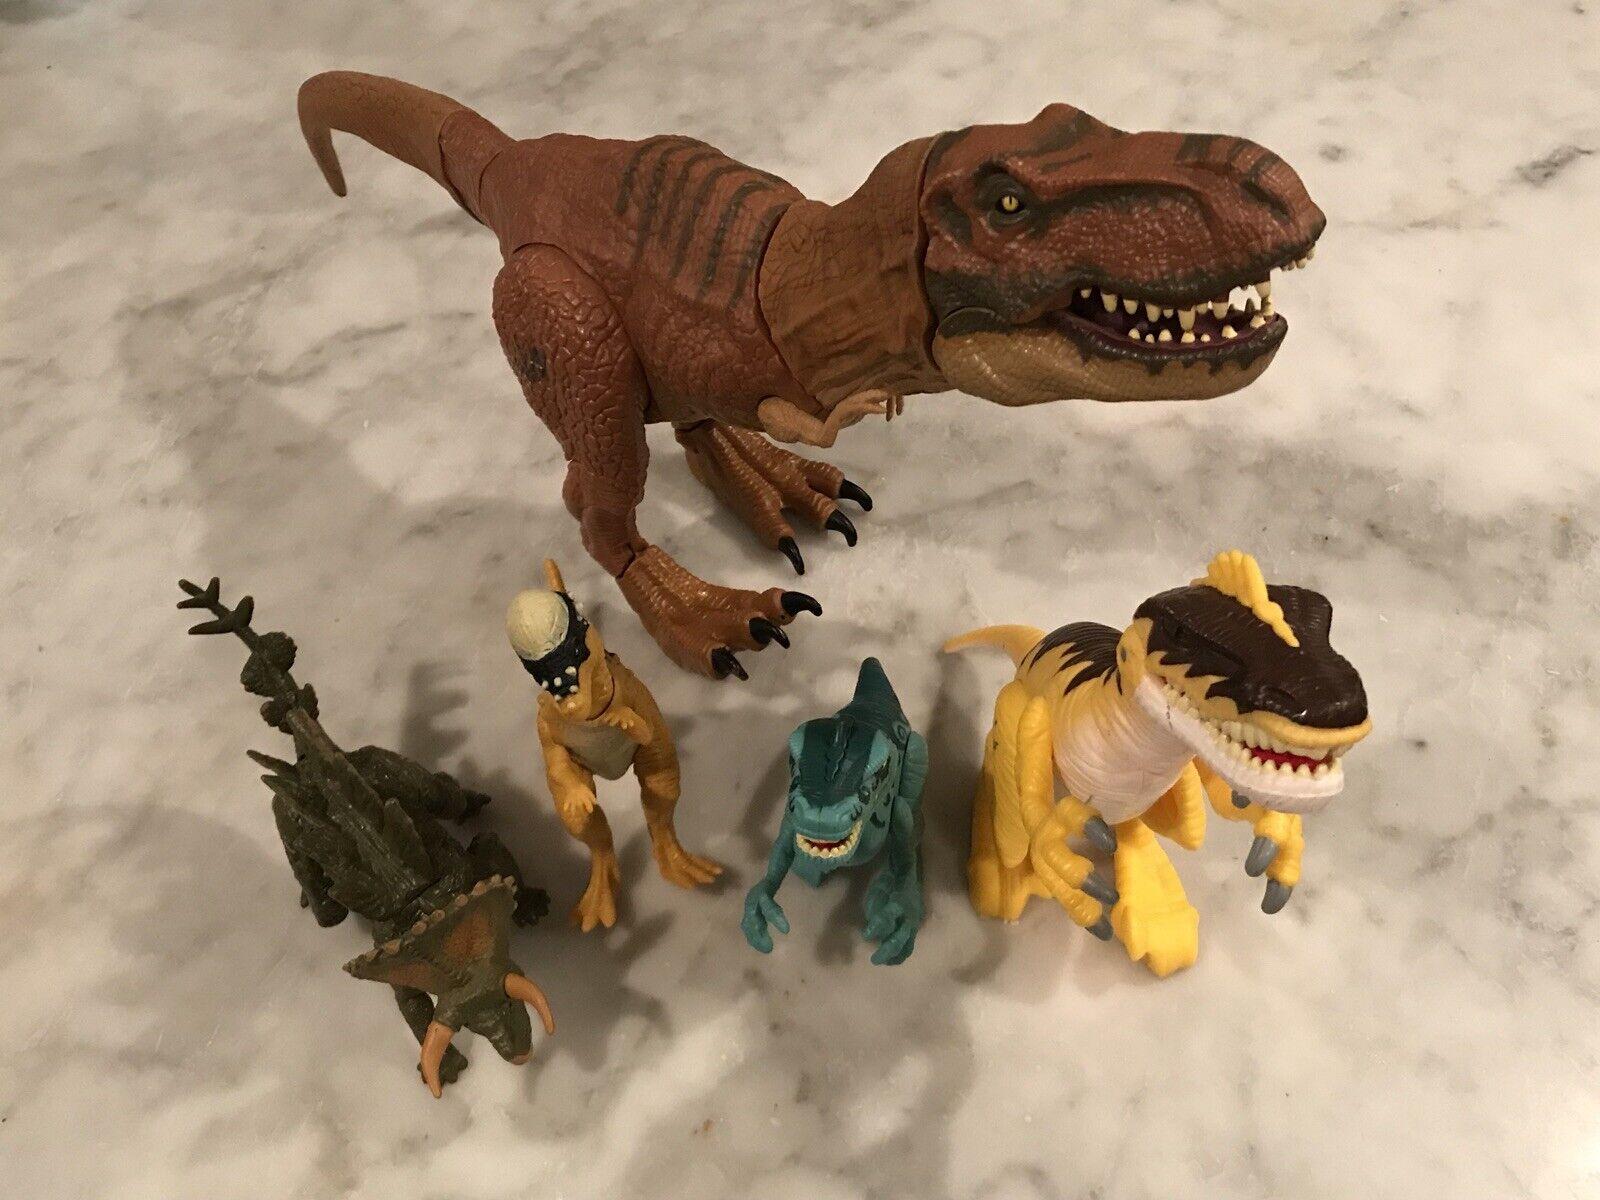 LOT of 5 Jurassic World Dinosaurs - T-Rex,  Velociraptor, Stegoceratops, Ramhead